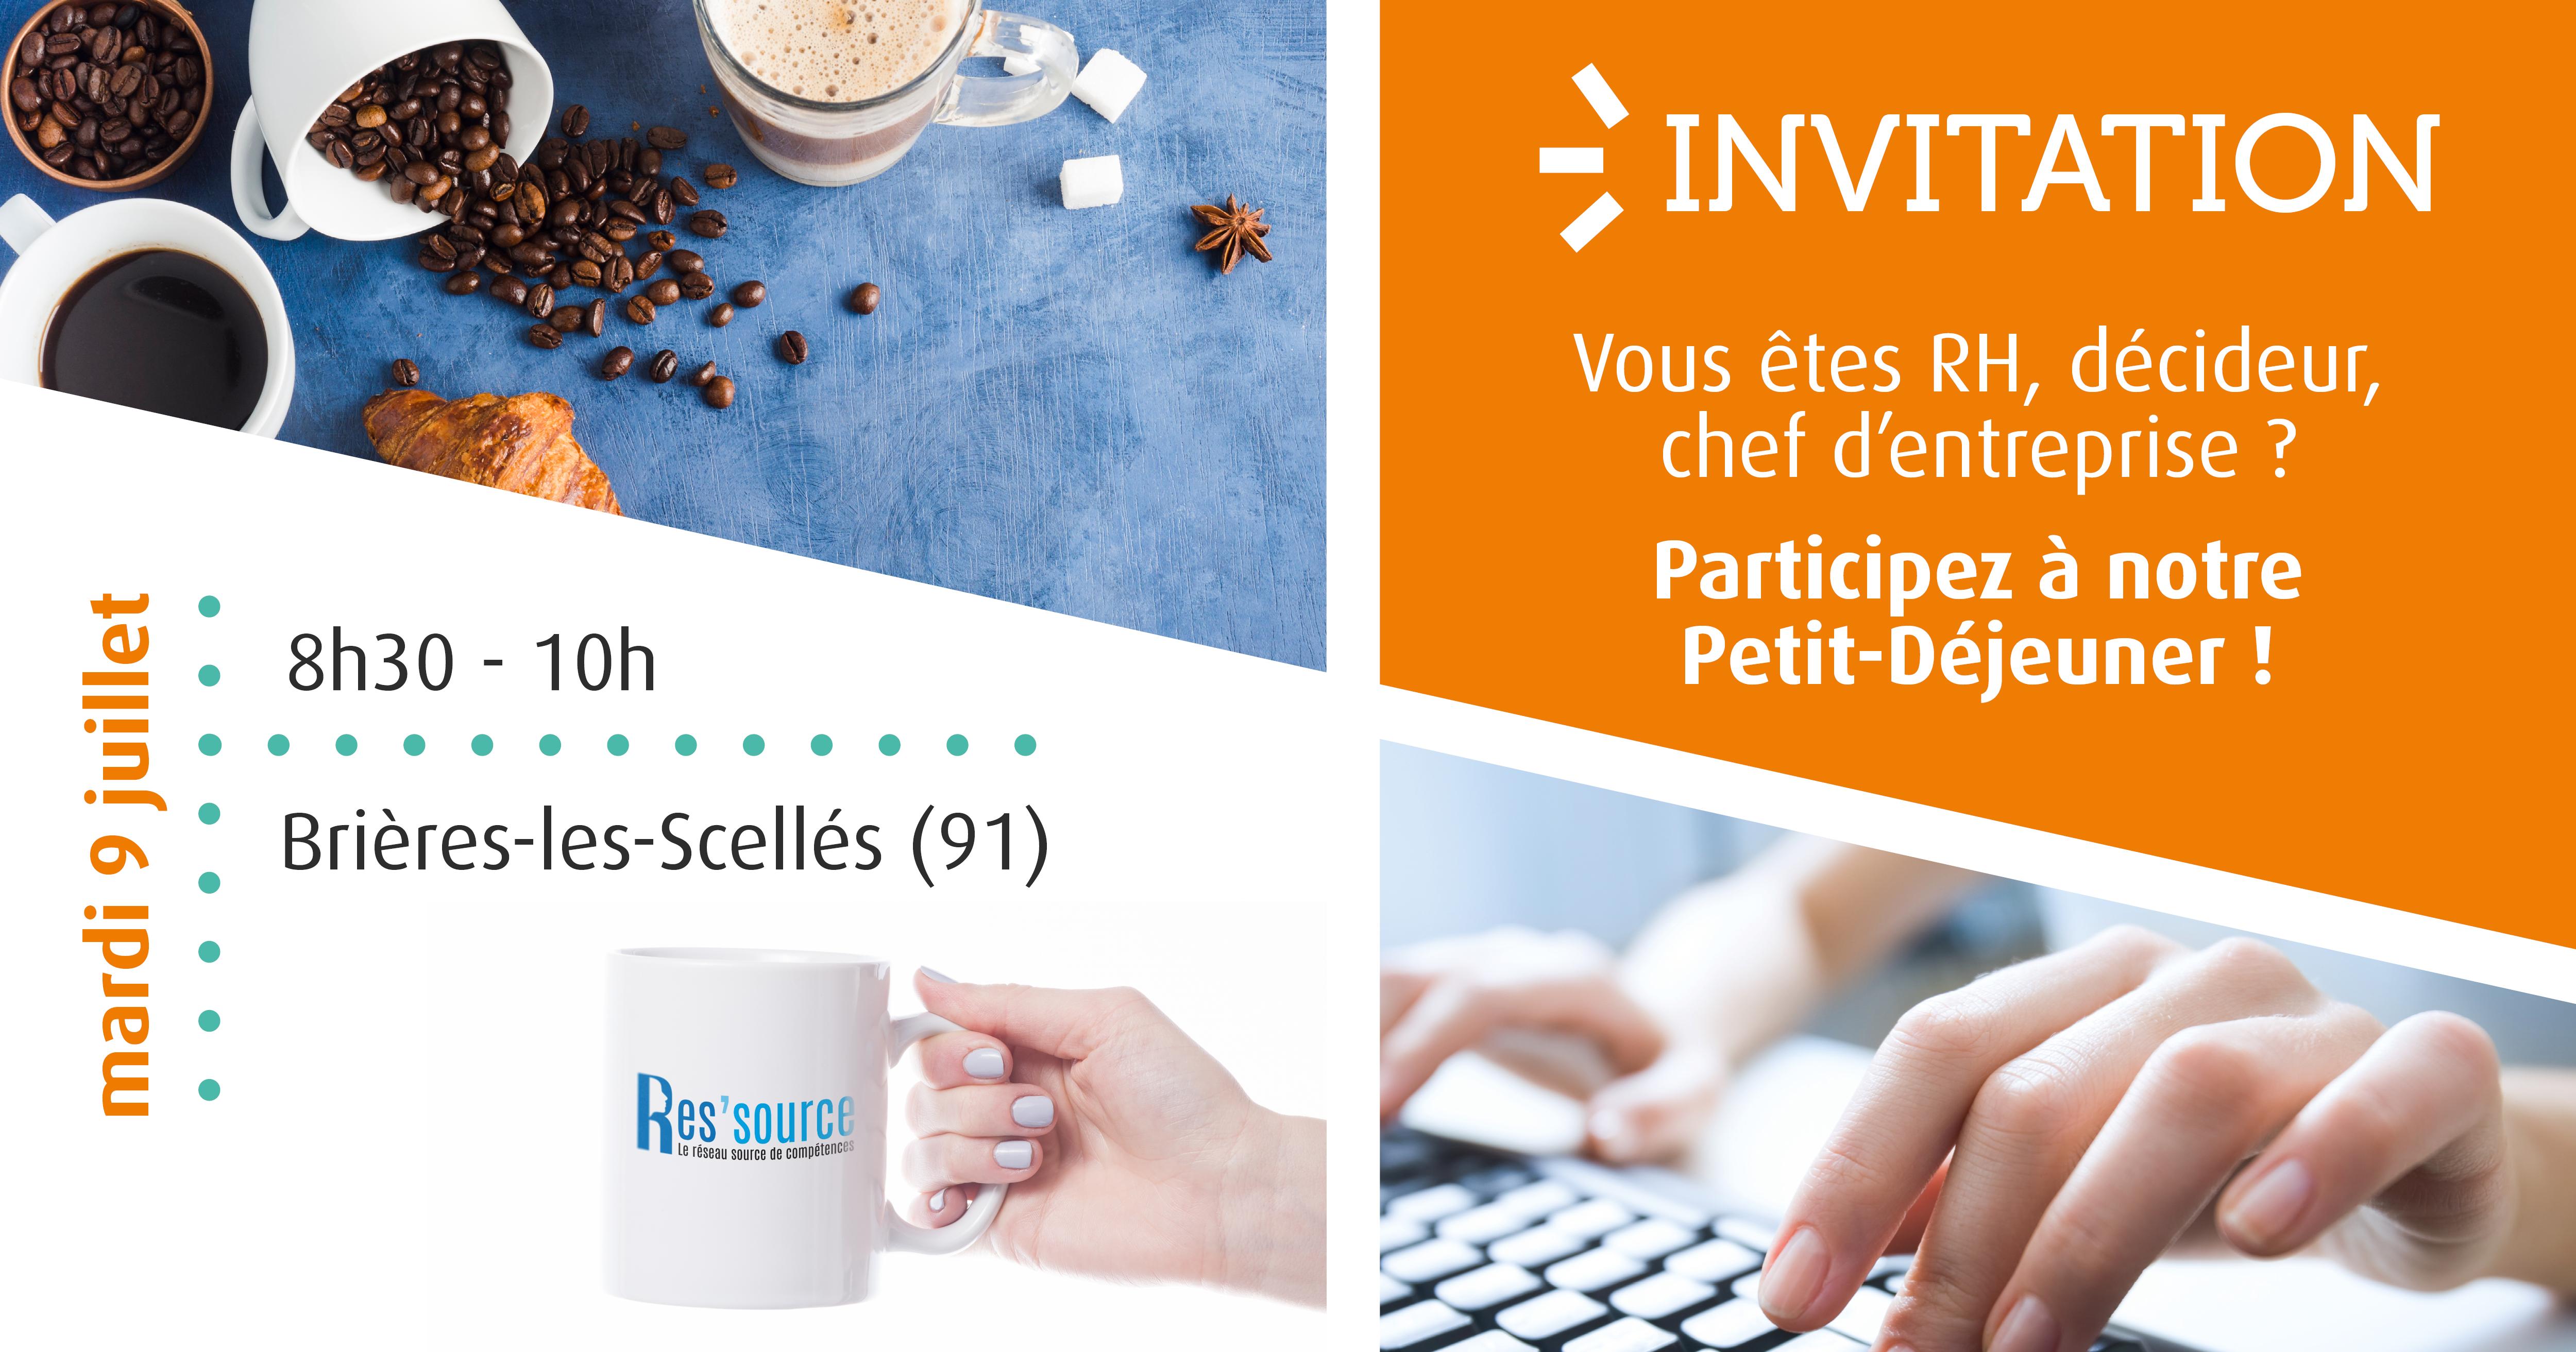 Ressource-Invitation-ptit-dej-9-juillet-Linkedin-event-Facebook-v2